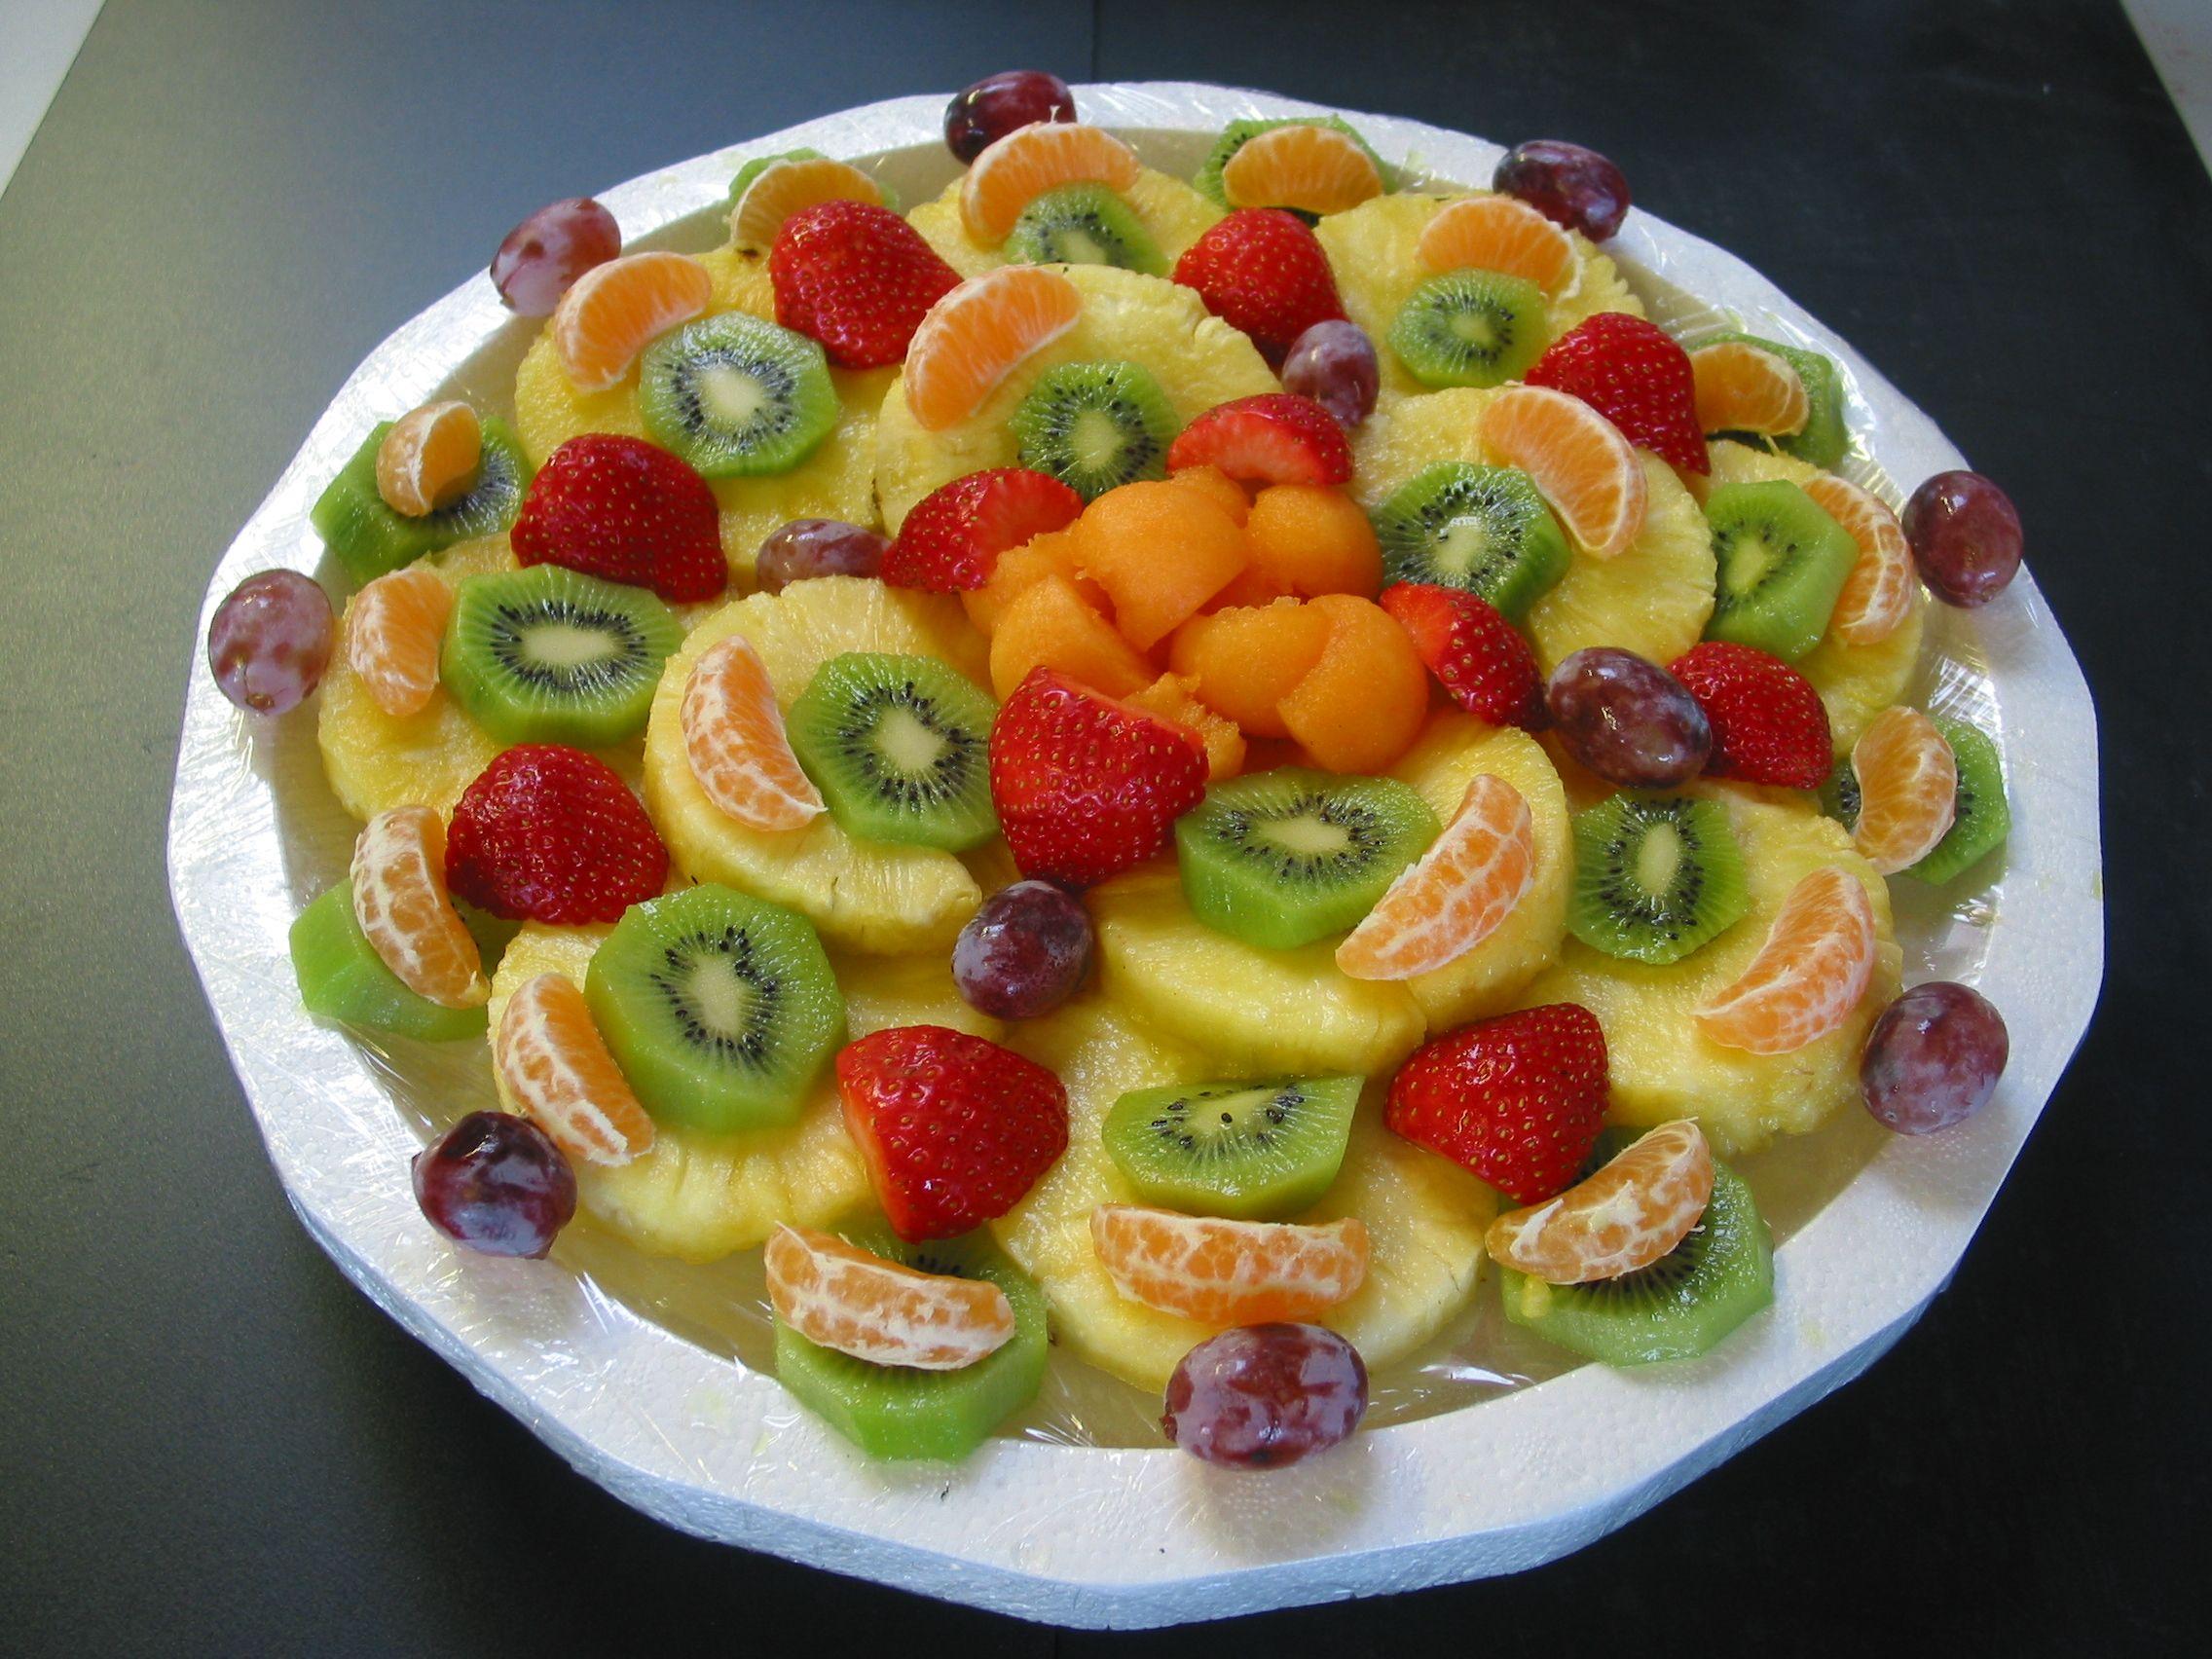 Assiette de fruits | Brunch | Pinterest | Brunch